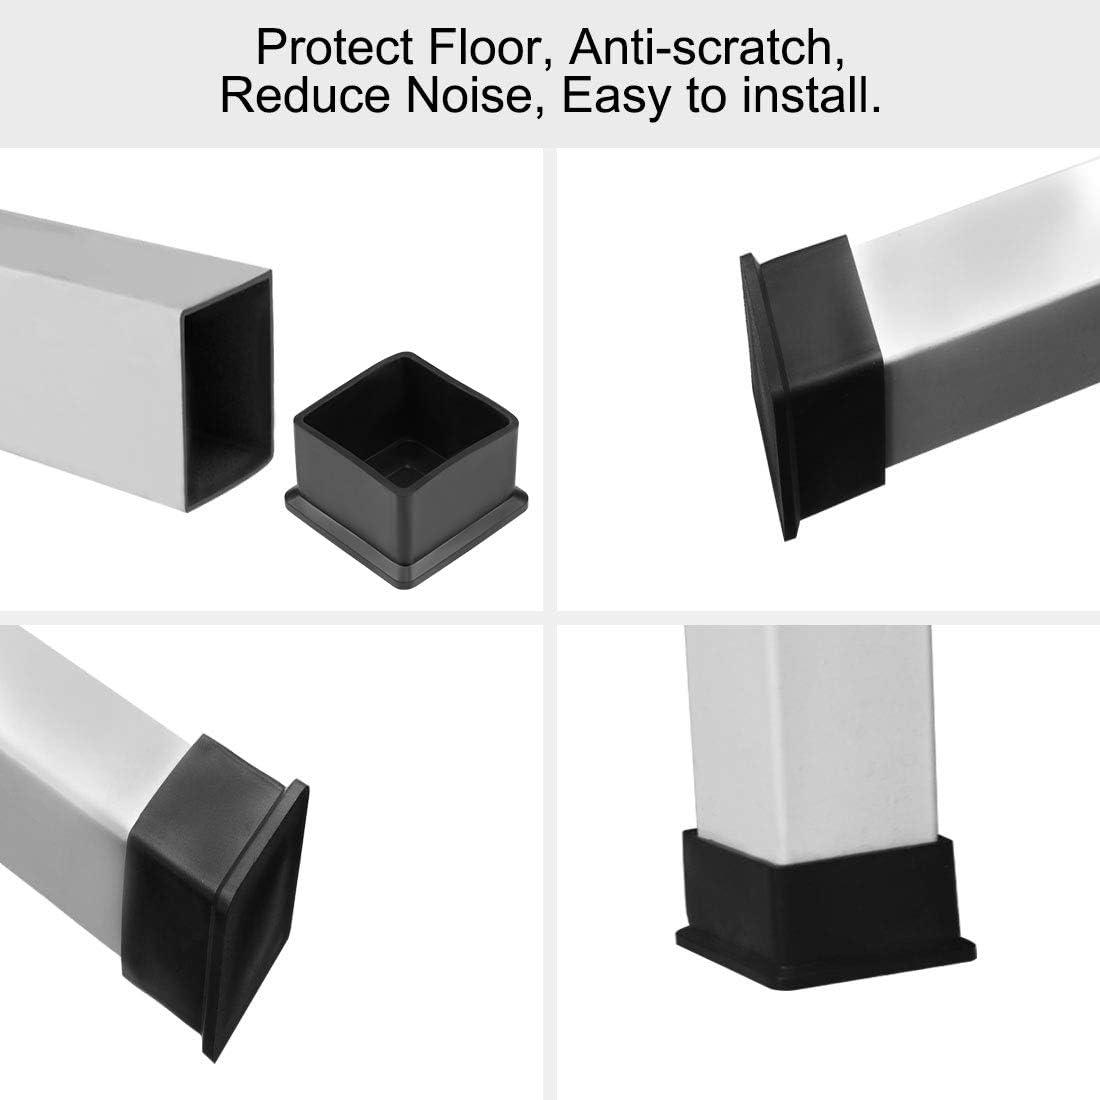 sourcing map Caoutchouc Capuchon 30mm x 30mm meubles Forme carr/ée Pieds chaise table Couvertures 4Pcs